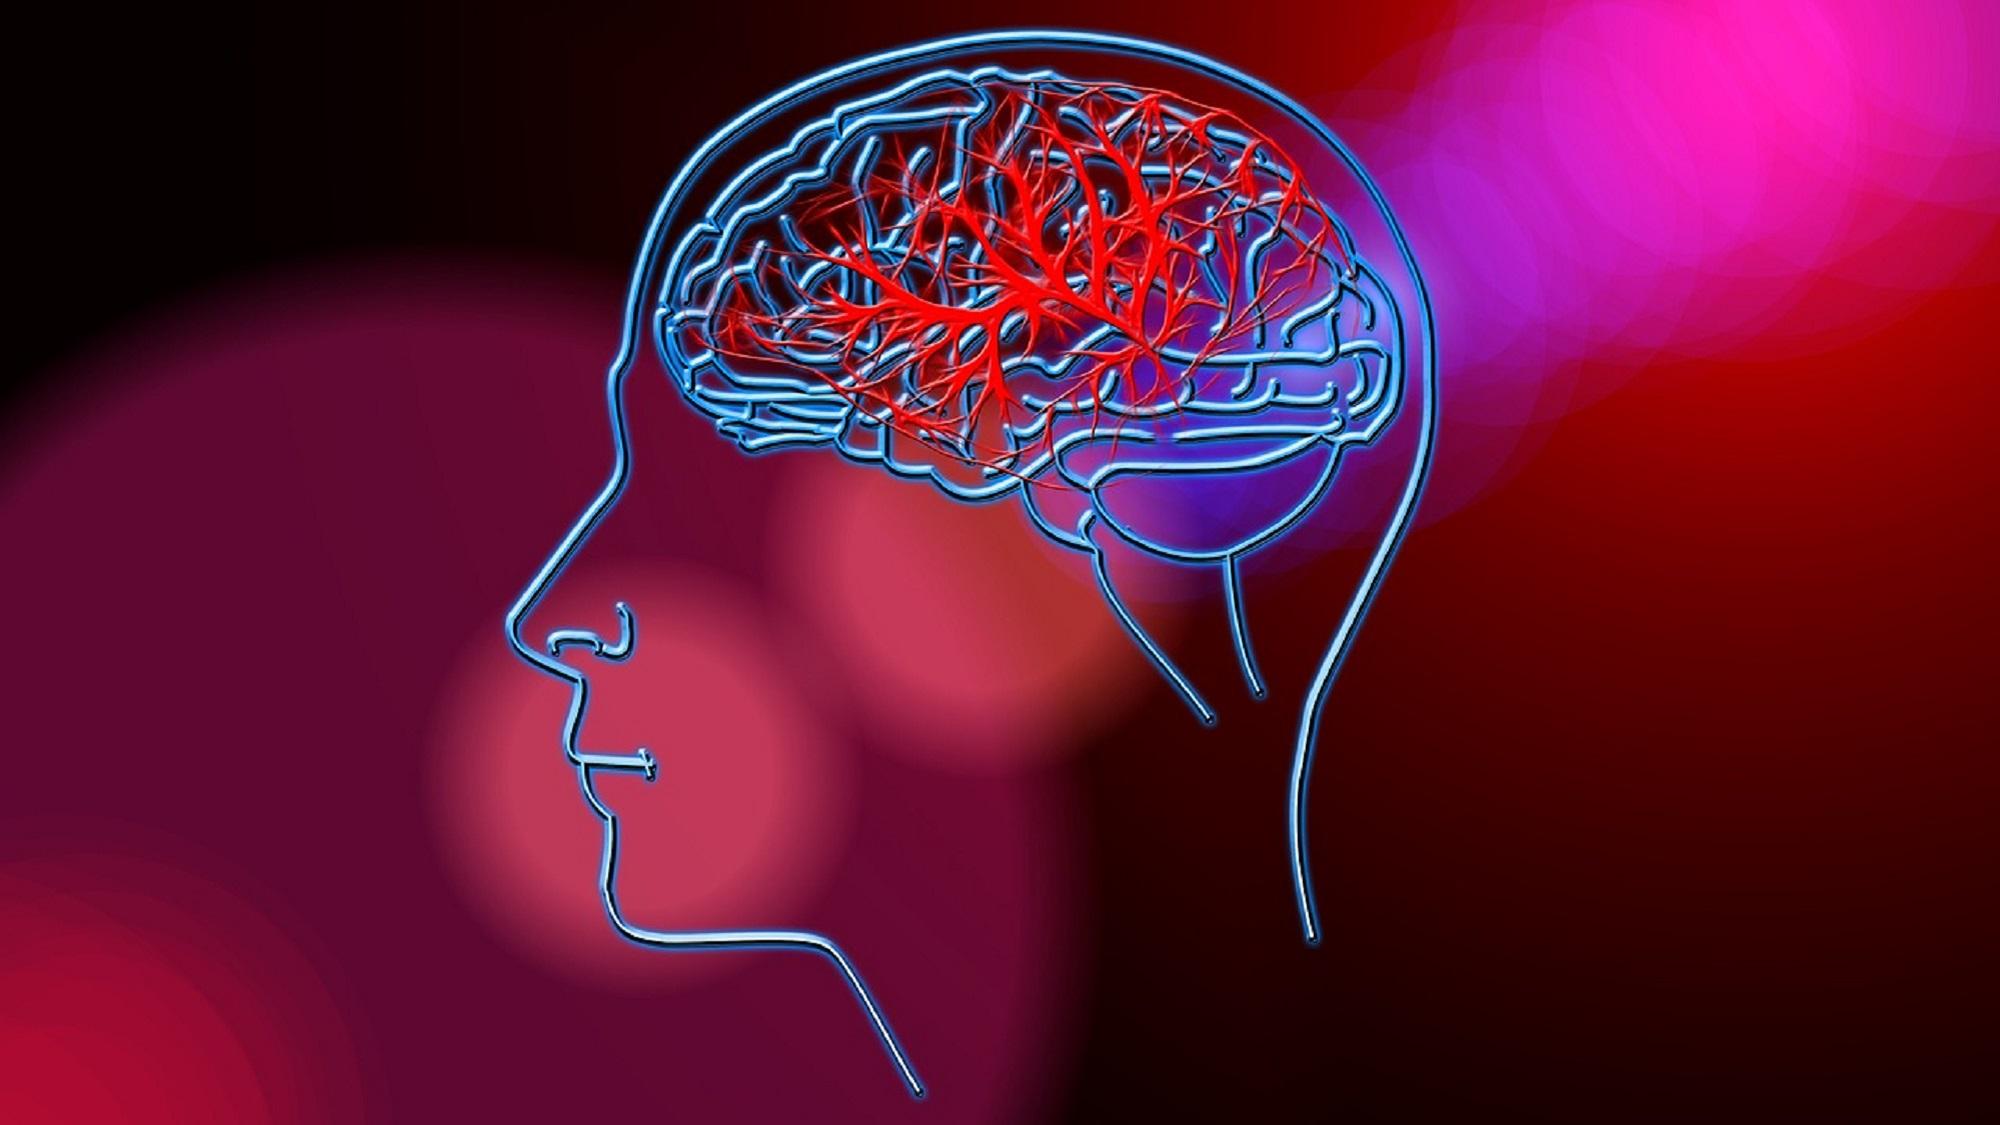 El ruido del tráfico se ha asociado a una mayor gravedad de accidentes cerebrovasculares © Geralt (pixabay.com)